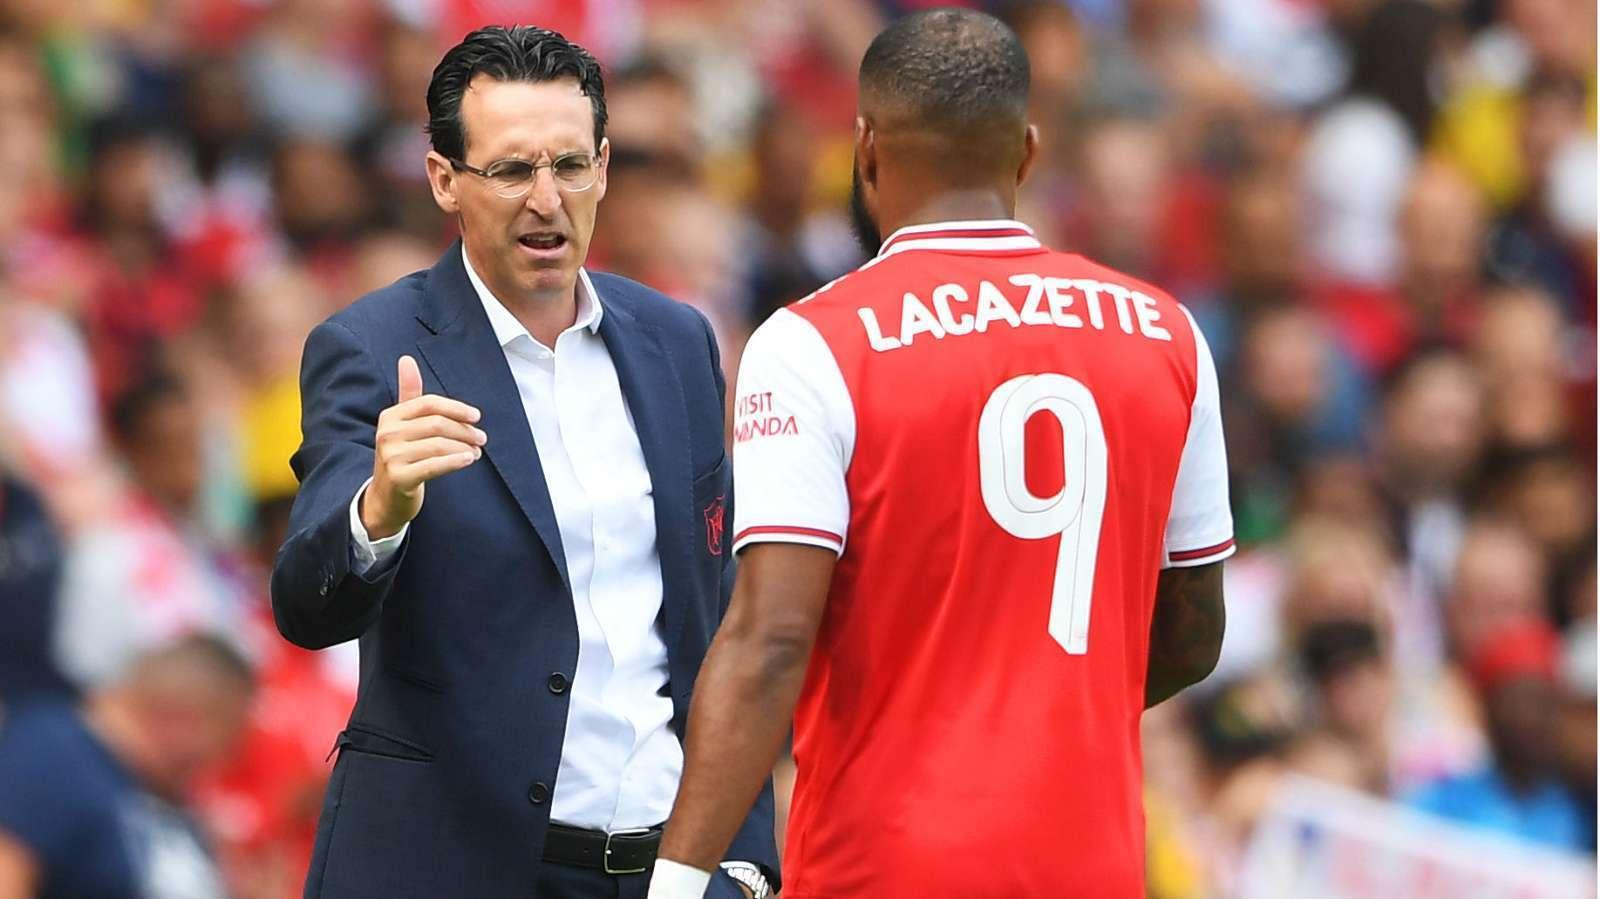 Arsenal,Lacazette,Nicolas Pepe